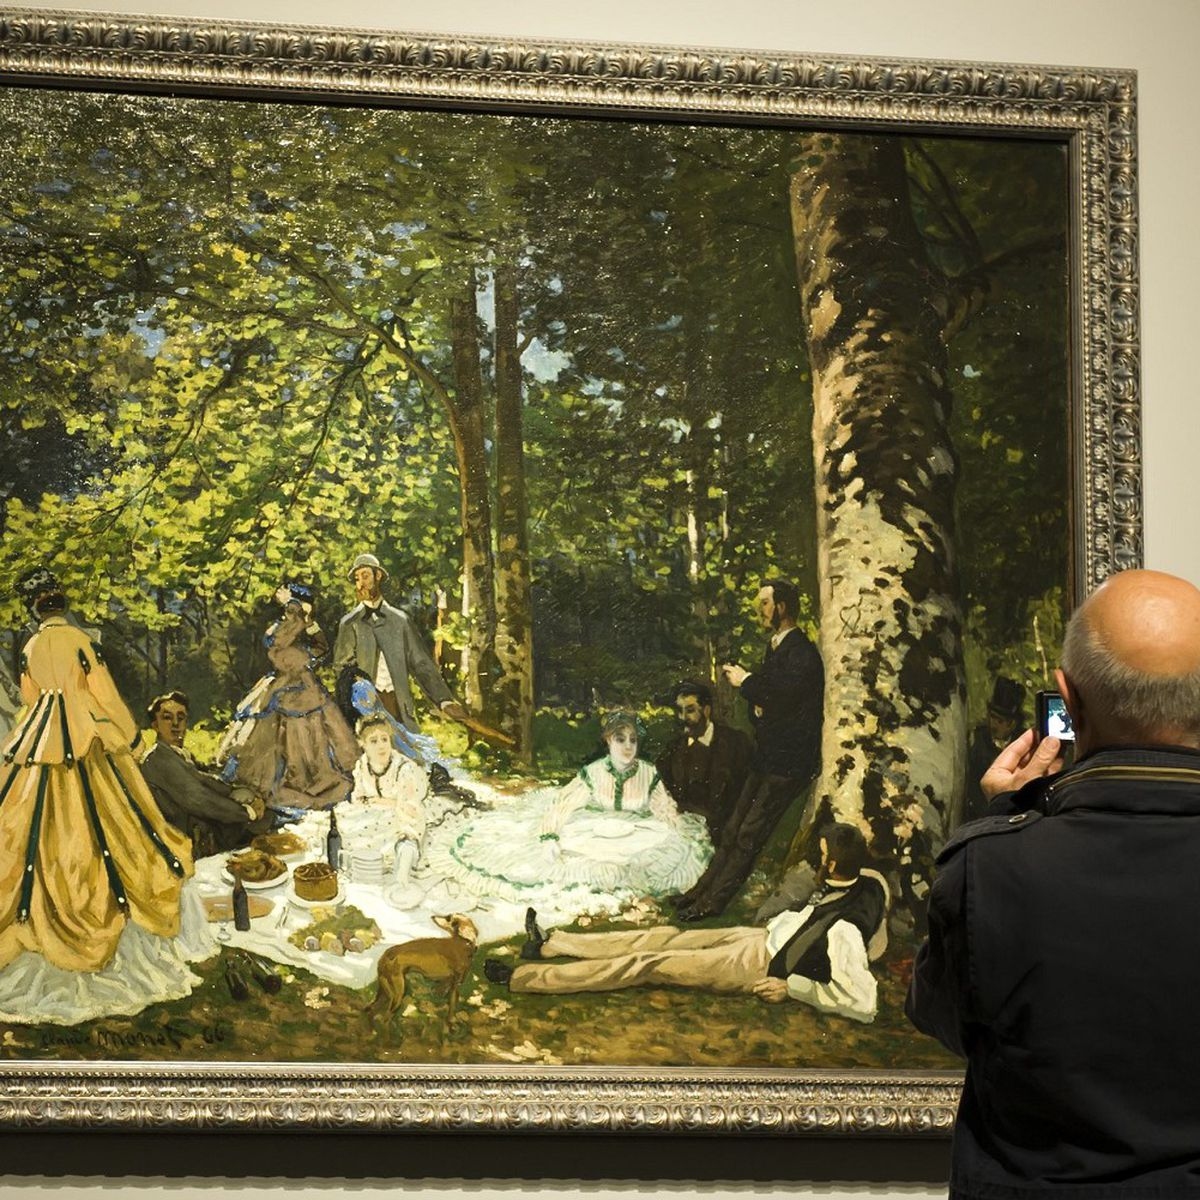 Le Dejeuner Sur L Herbe De Monet Joyau De La Collection Chtchoukine